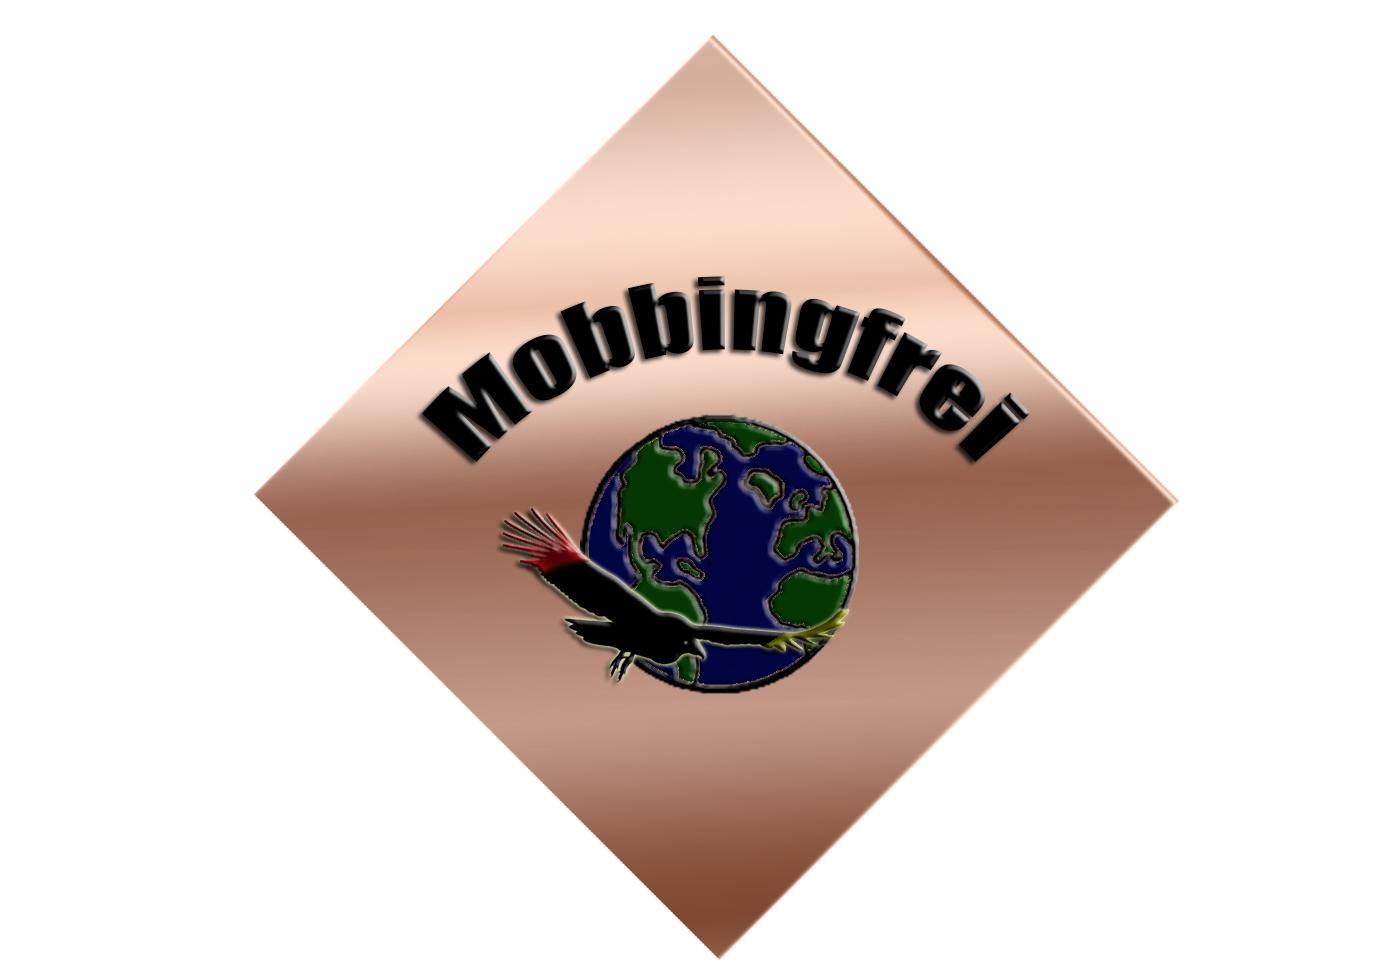 Die Welt Mobbingfrei lautet unsere Mission